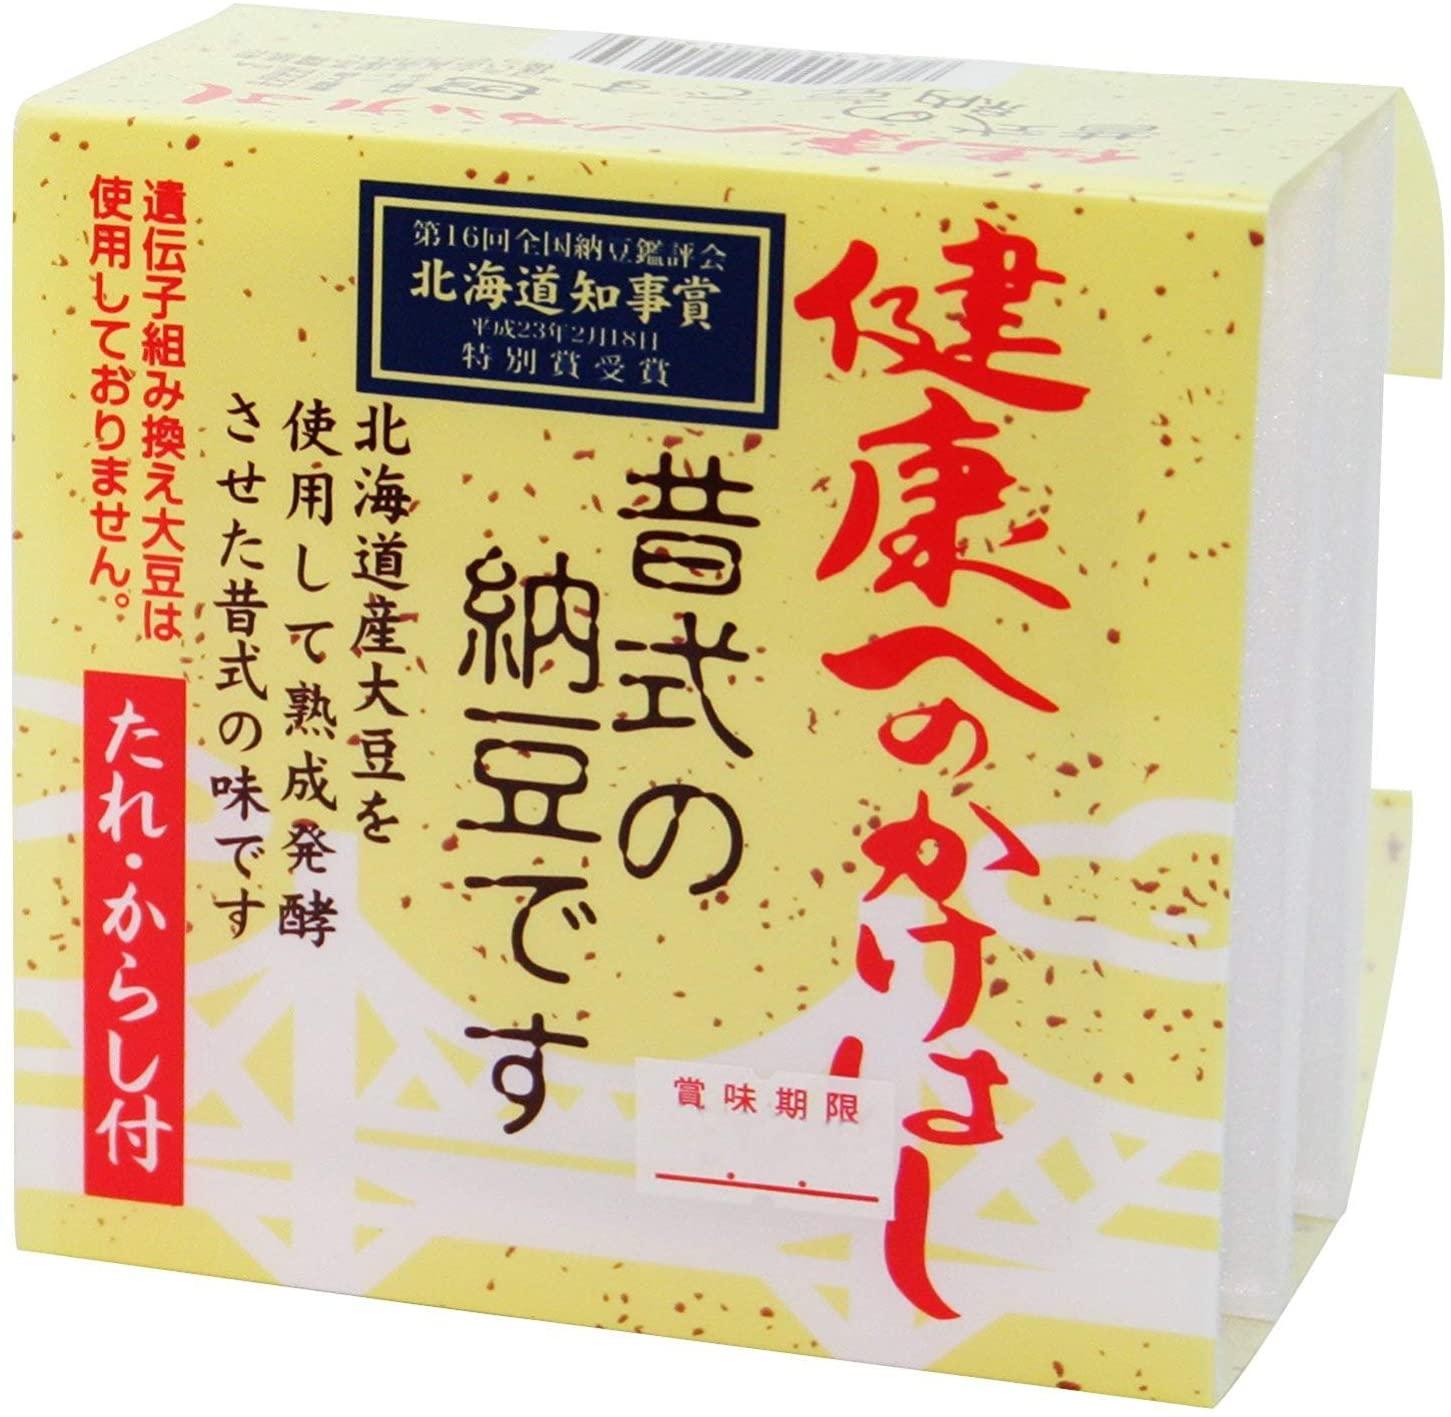 北海道産小粒大豆使用! 昔式納豆! 「健康へのかけはし」★北海道送料無料★